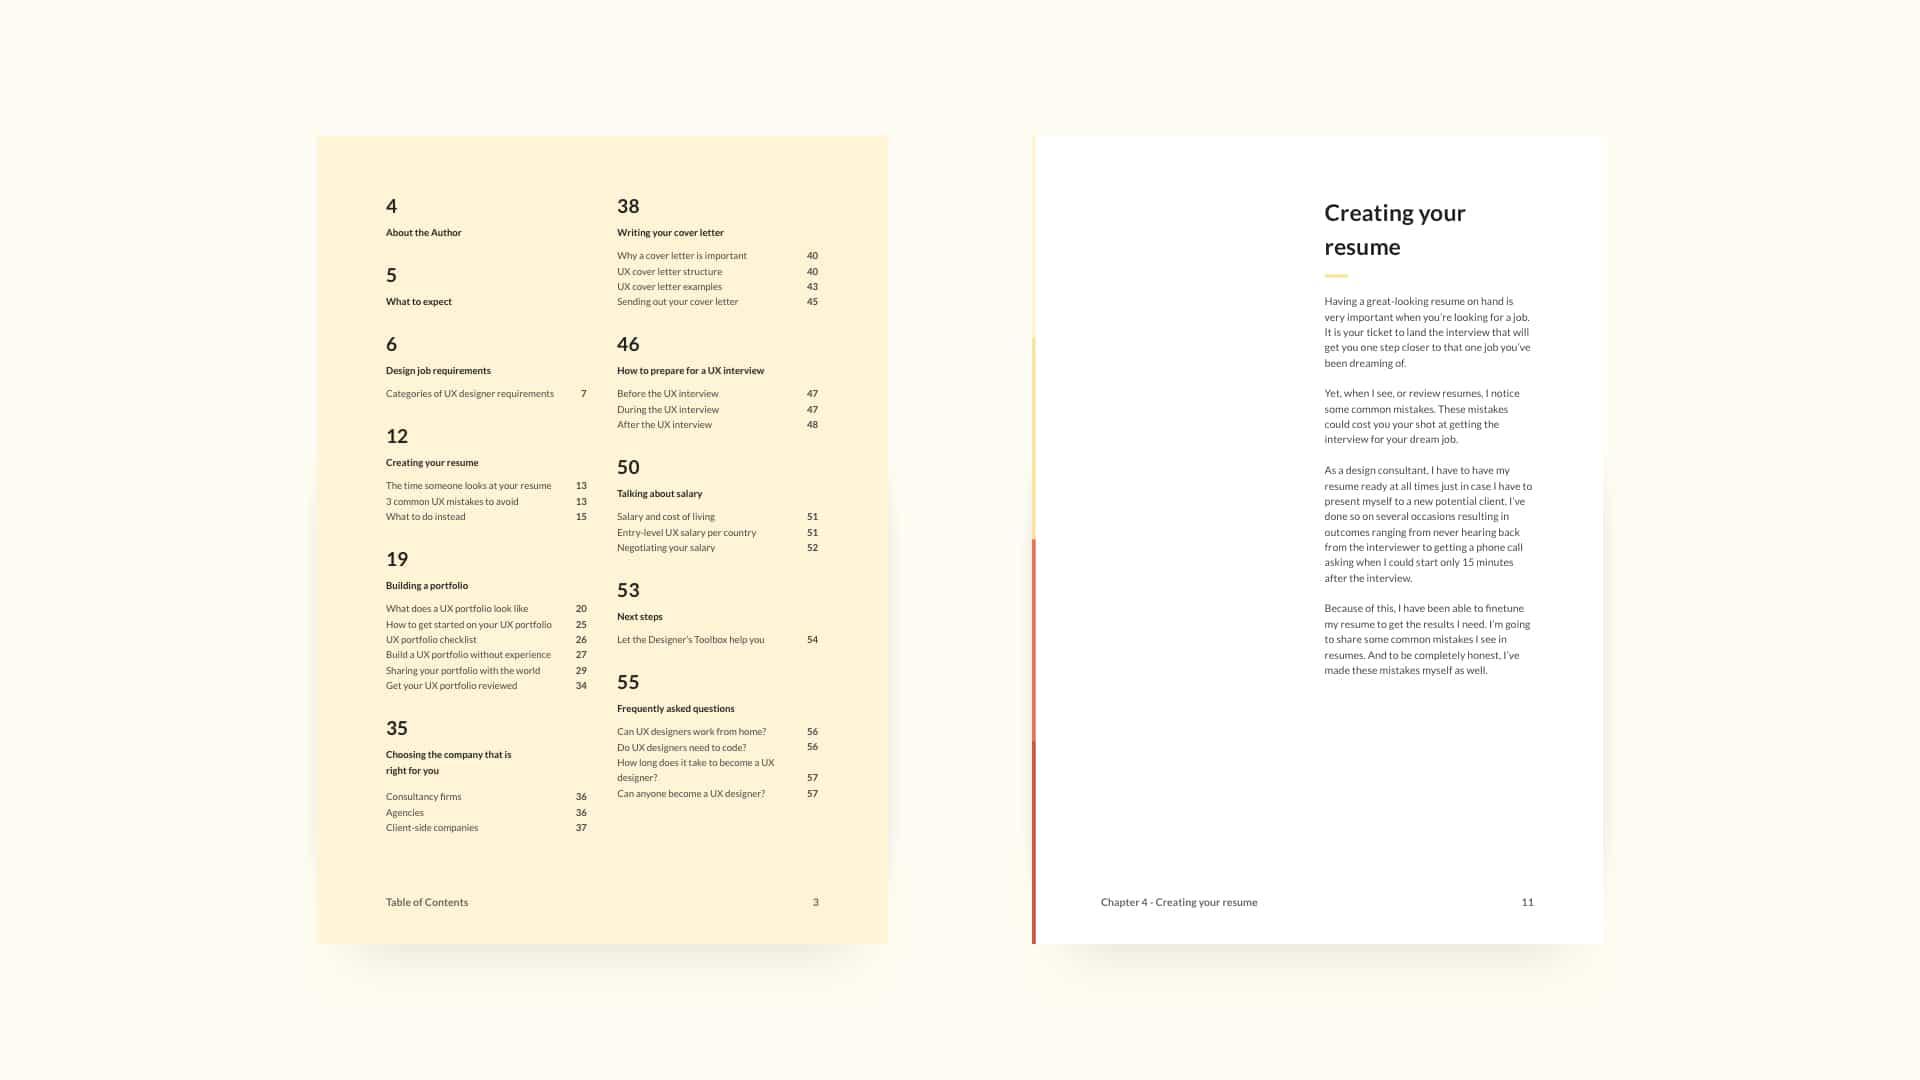 UX Jobs Handbook Overview slide one